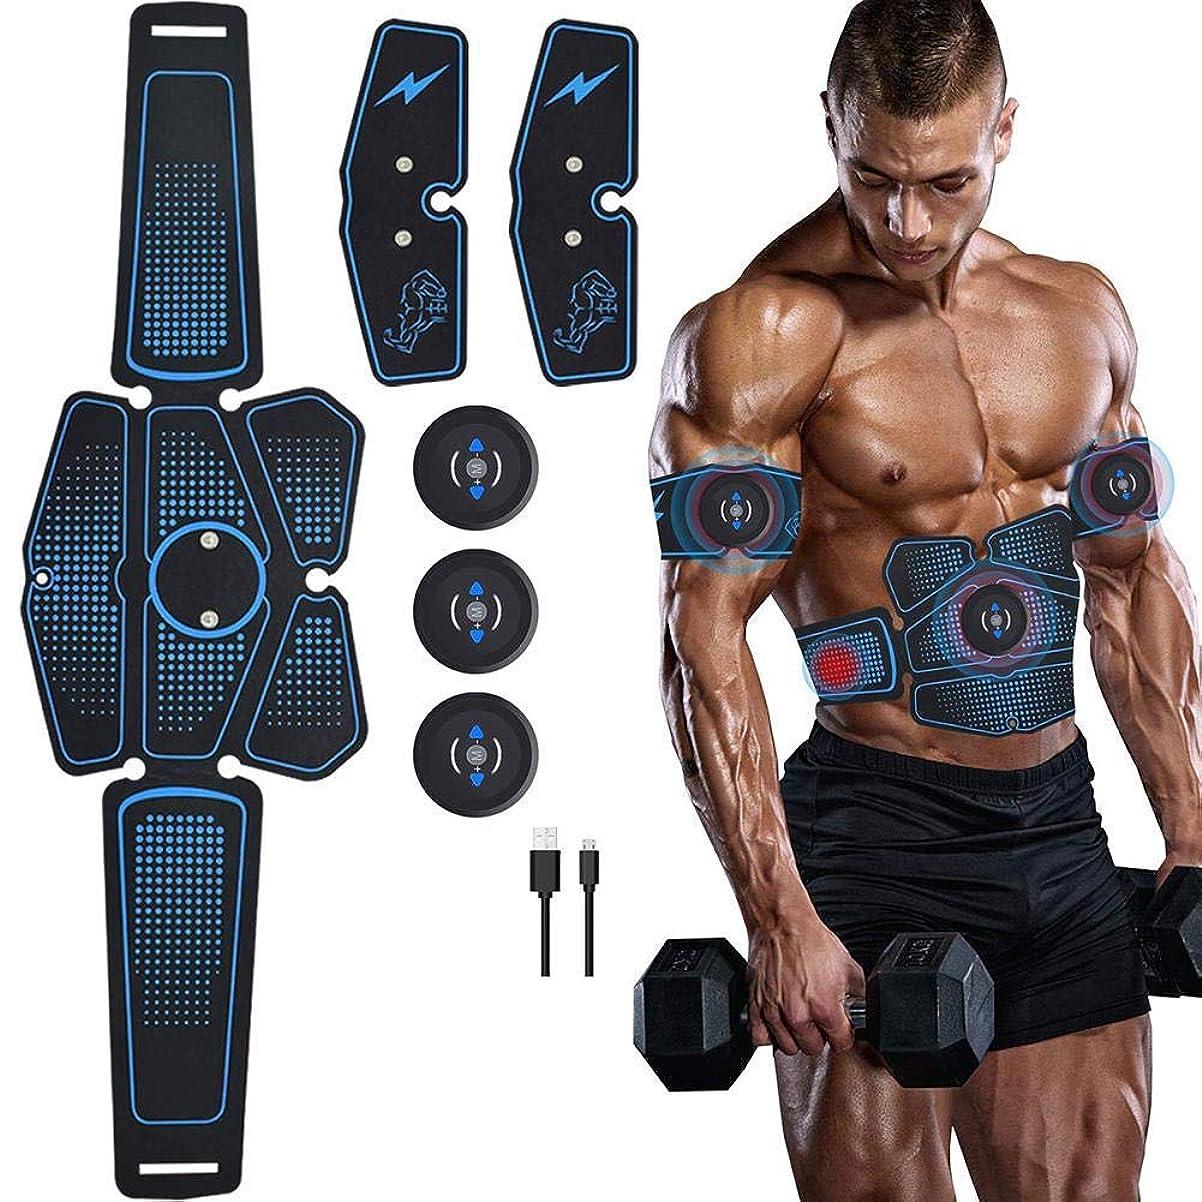 幅促進する劇的電気腹部筋肉刺激装置、ABSウエストトレーナーフィットネス減量体重減少マッサージャー用男性と女性の脂肪燃焼